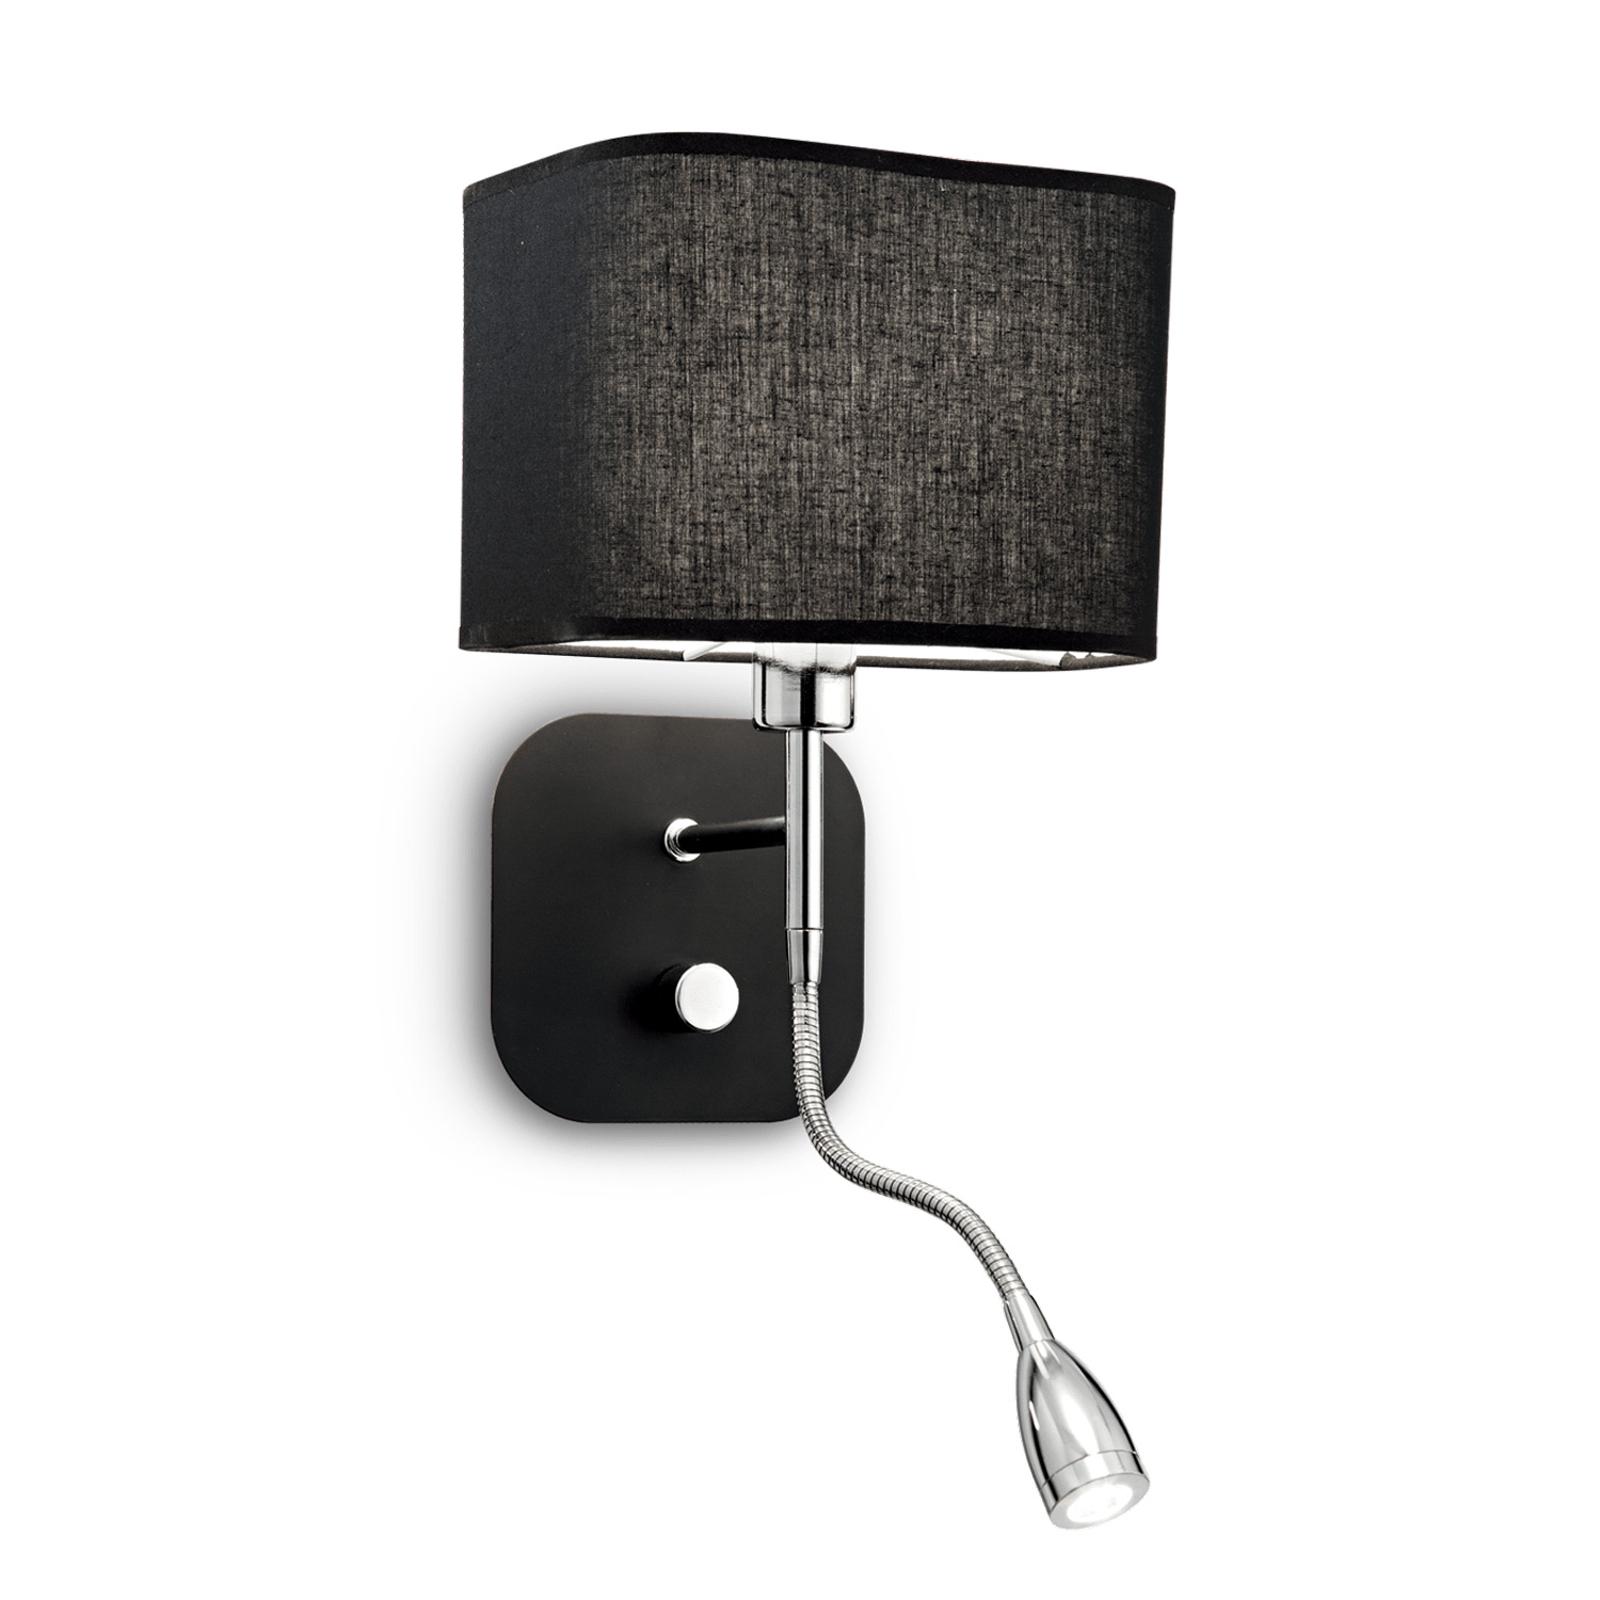 Wandlamp Holiday leeslamp flexibele arm, zwart